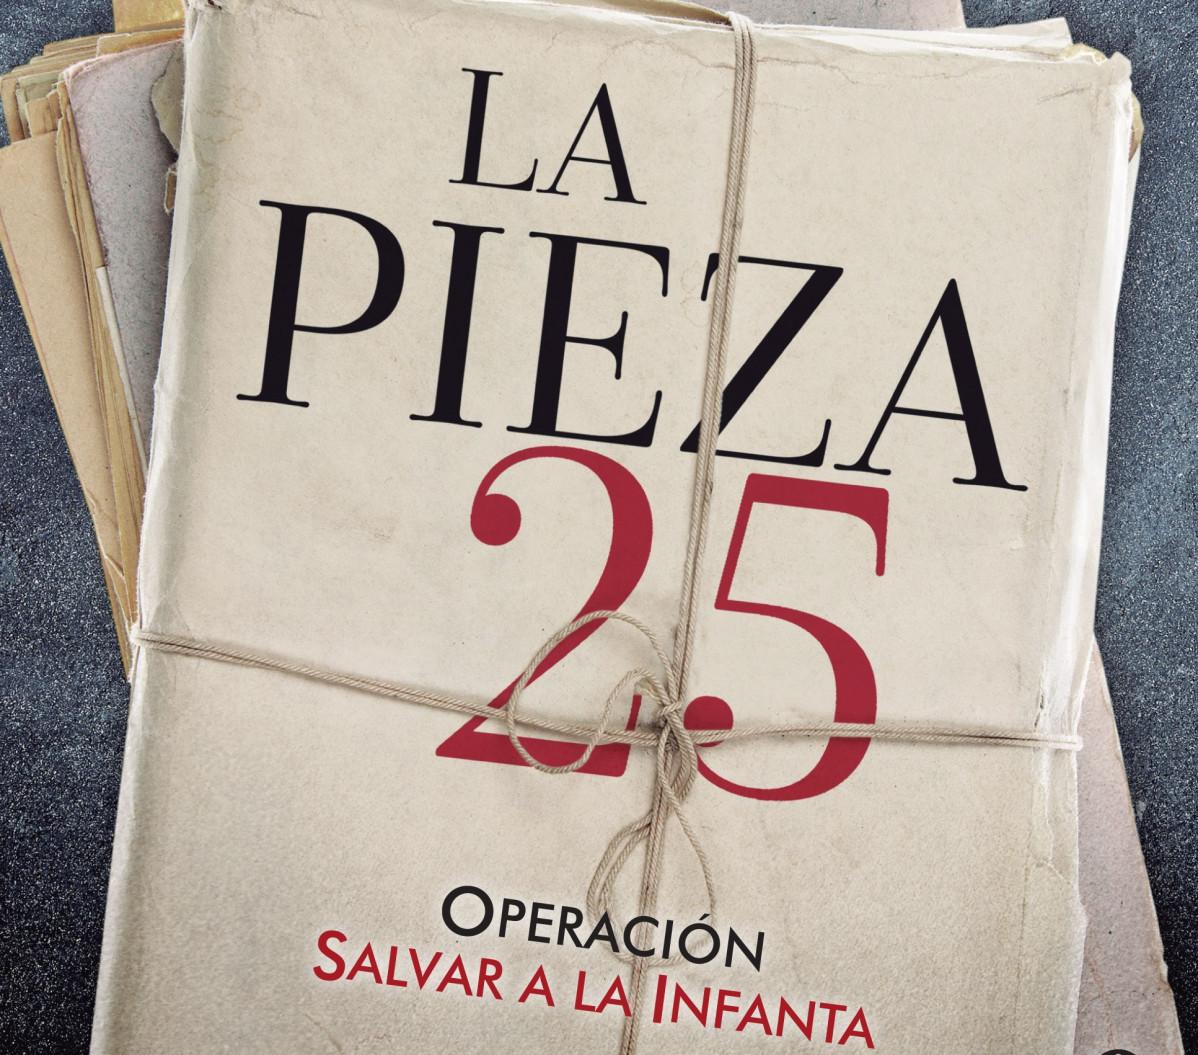 Portada La pieza 25 Operacion Salvar la Infanta